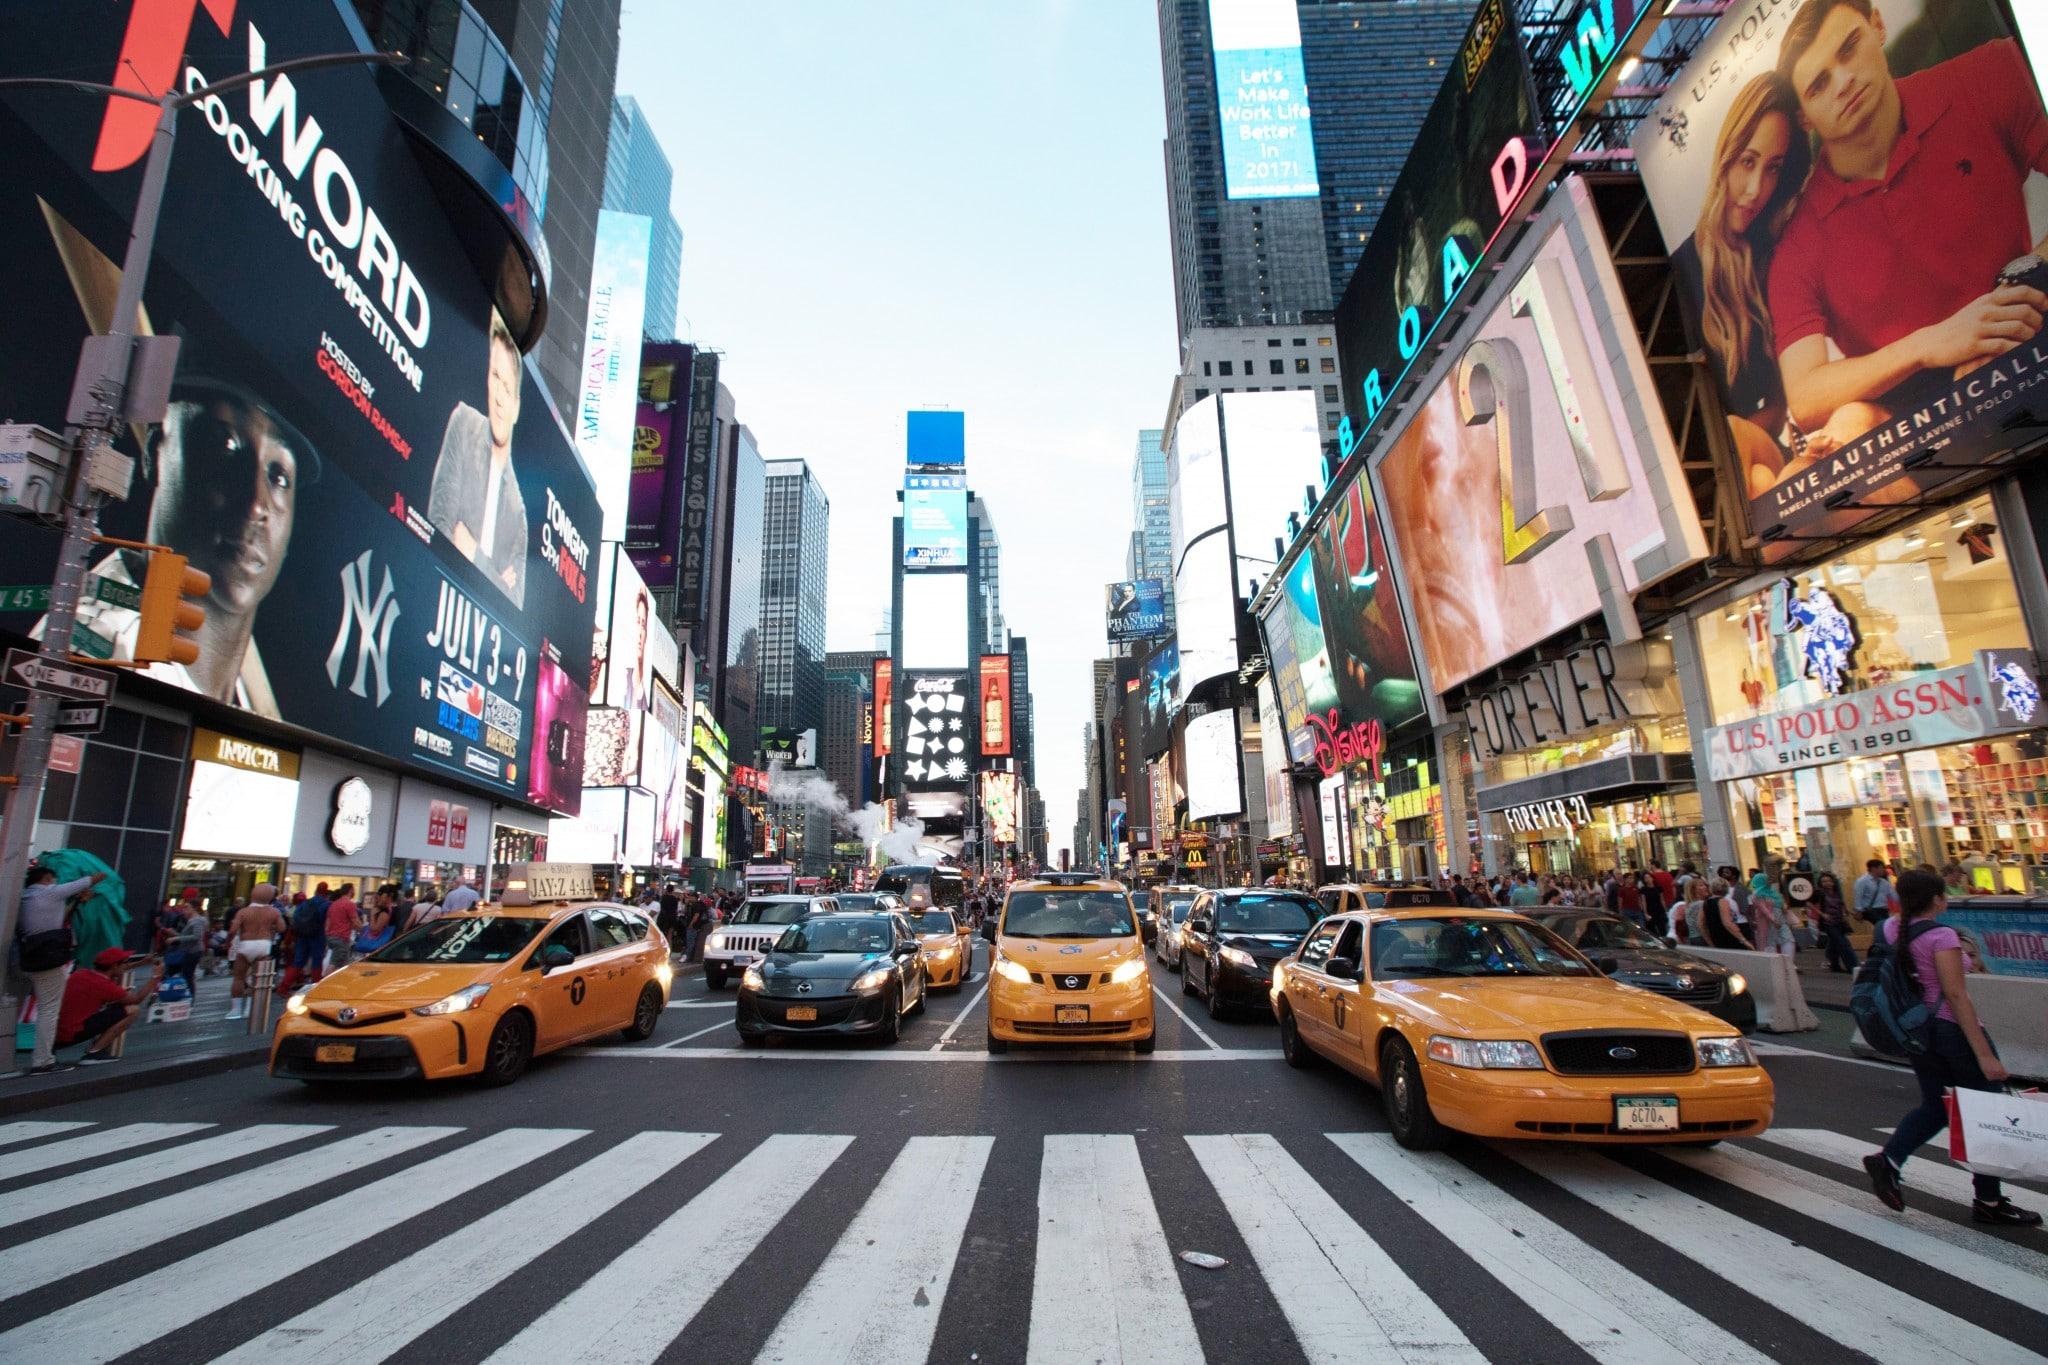 NYC & Company / Walter Wlodarczyk